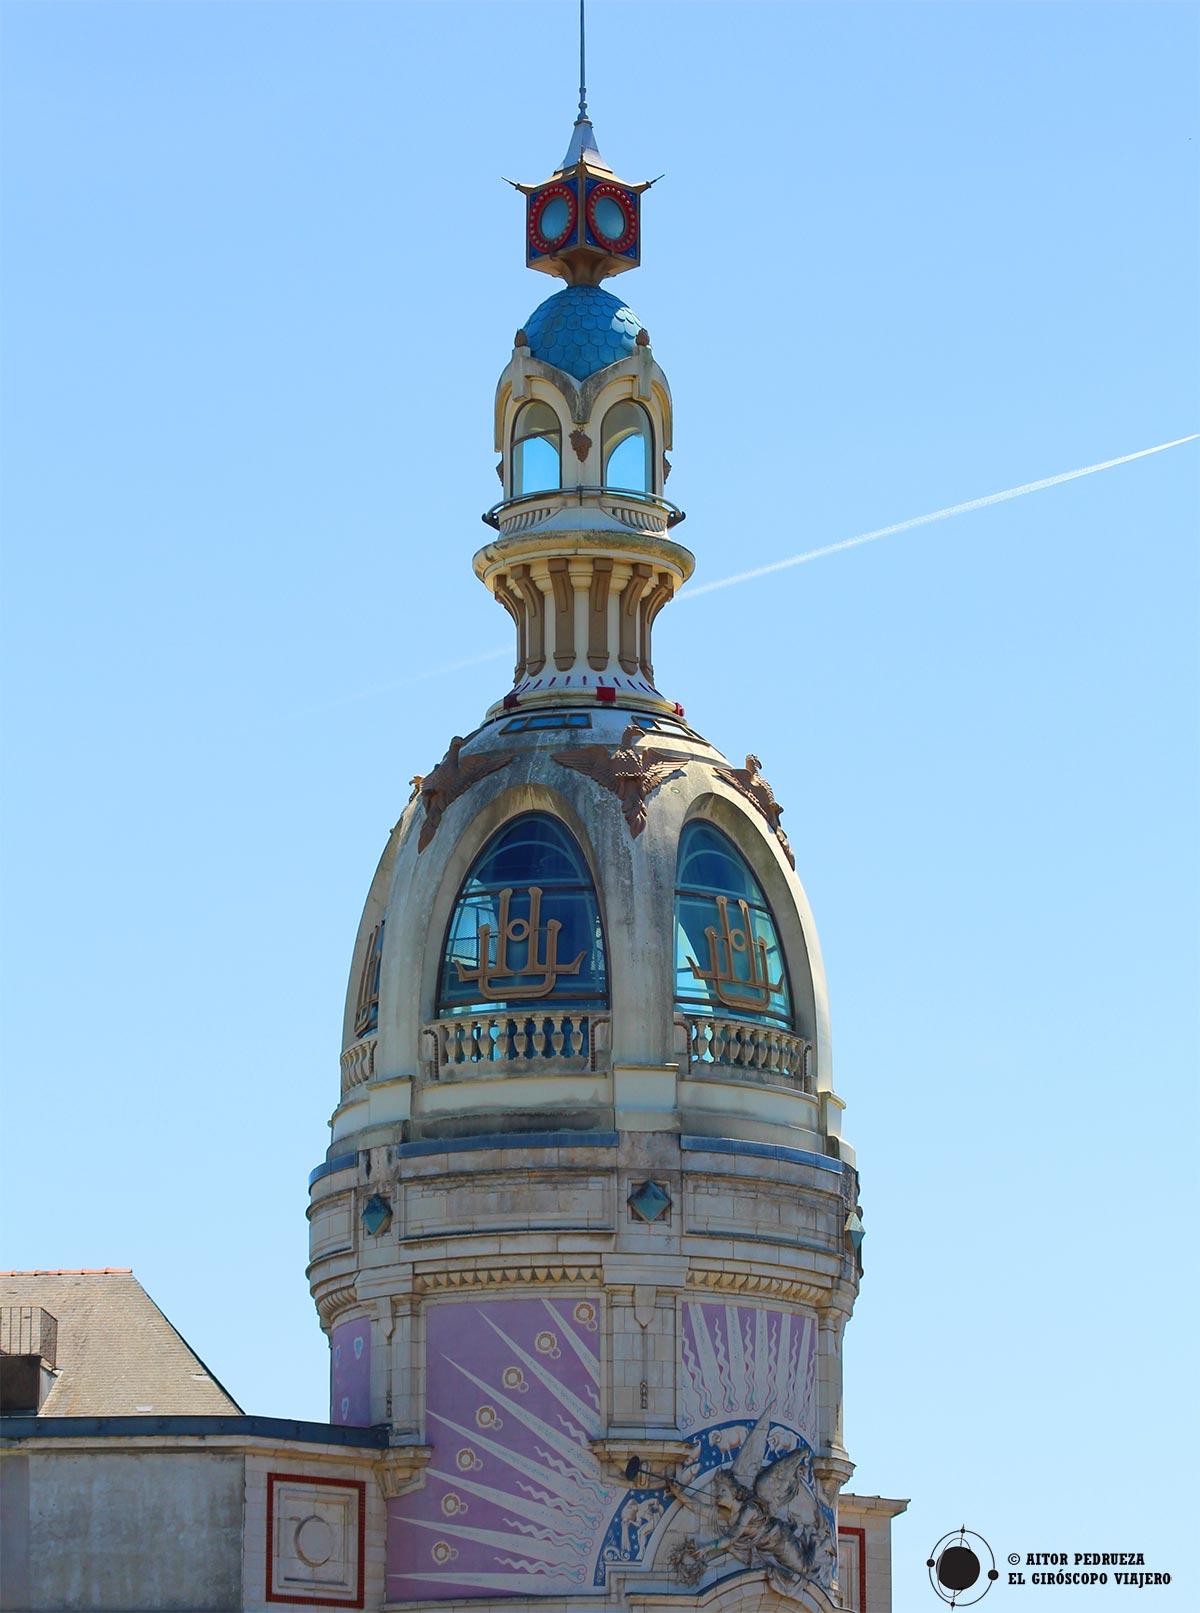 Torre LU, de estilo art Decó